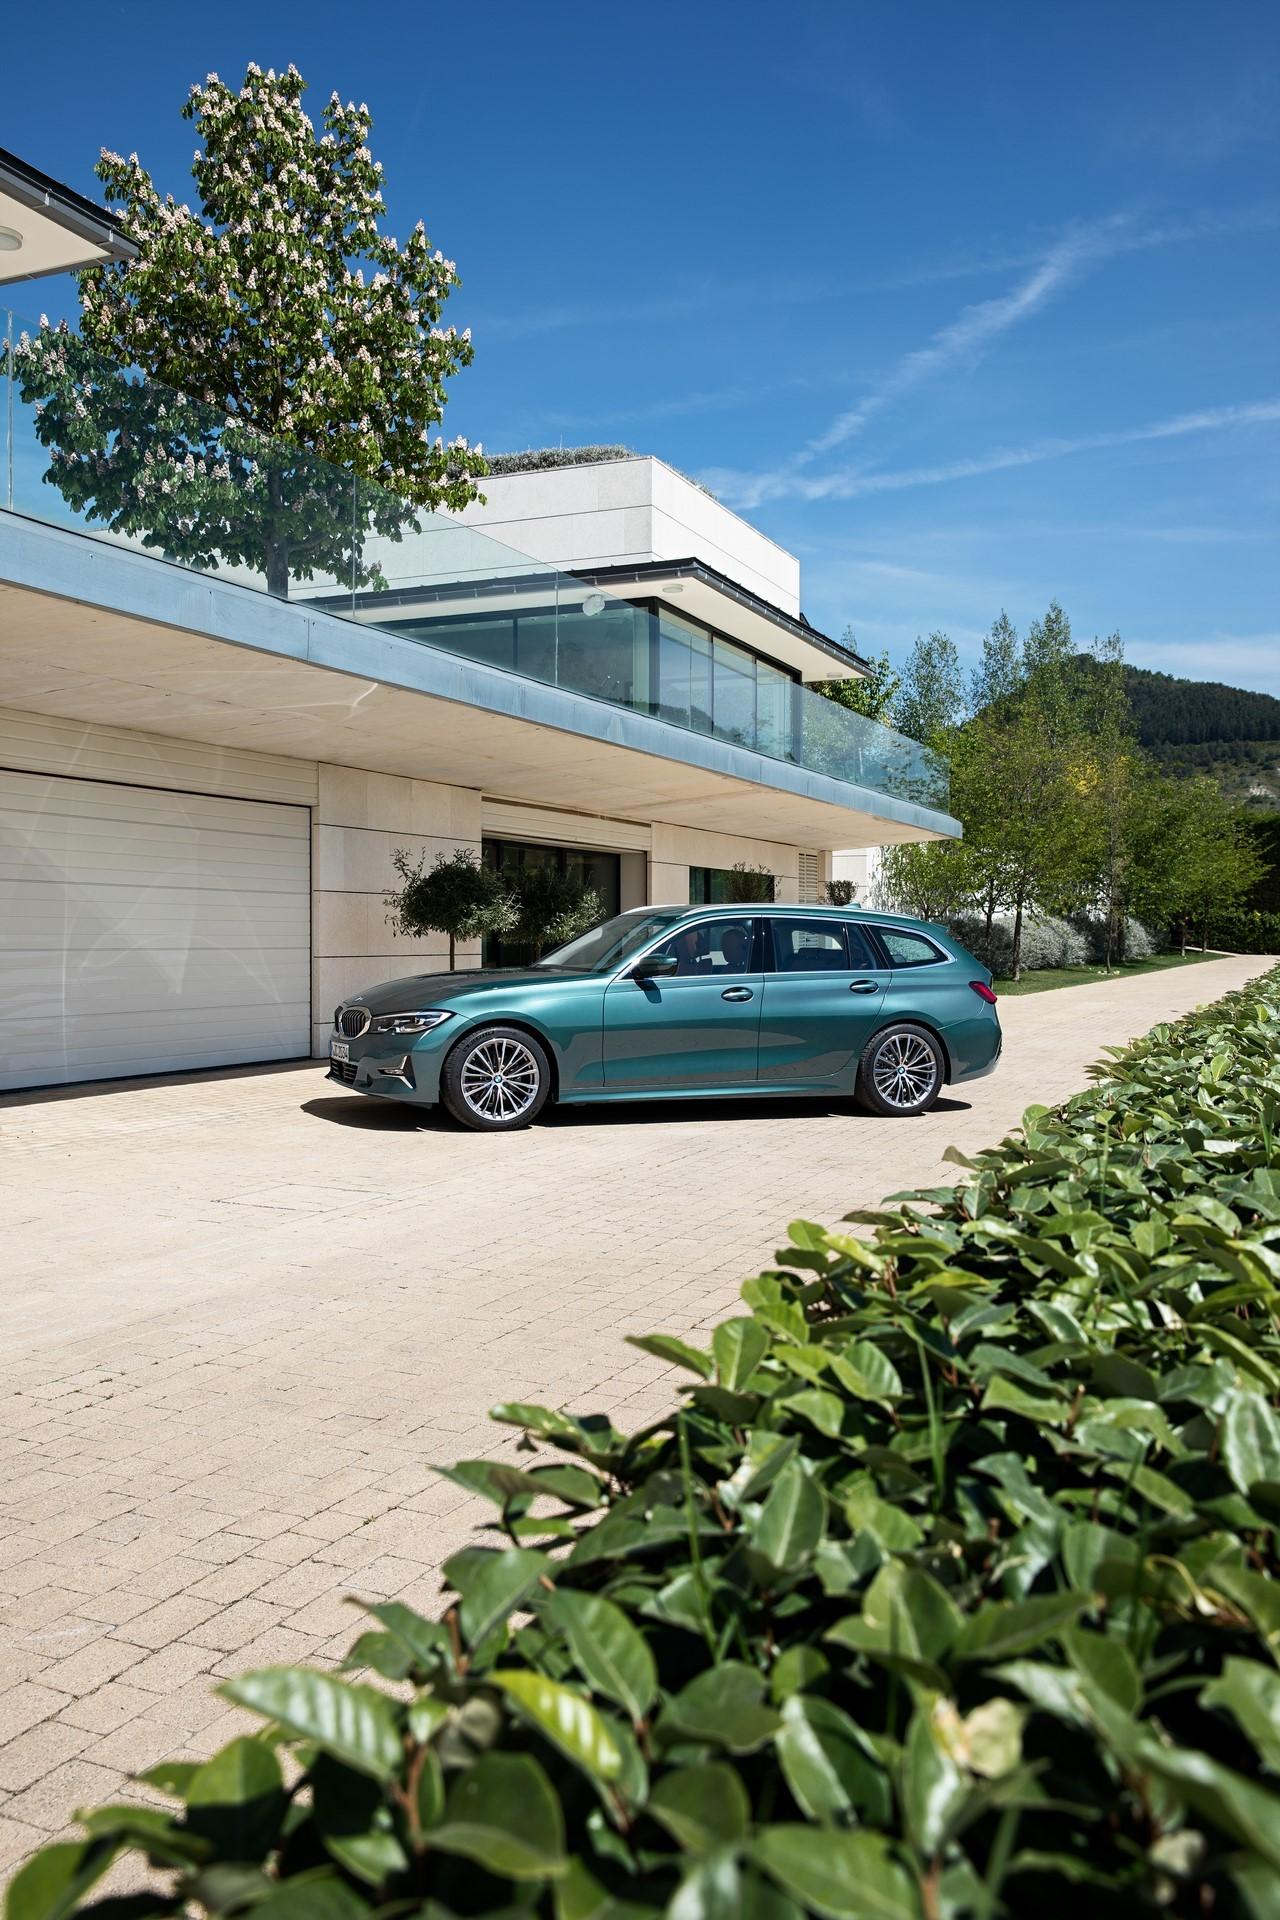 BMW-3-Series-Touring-2019-38